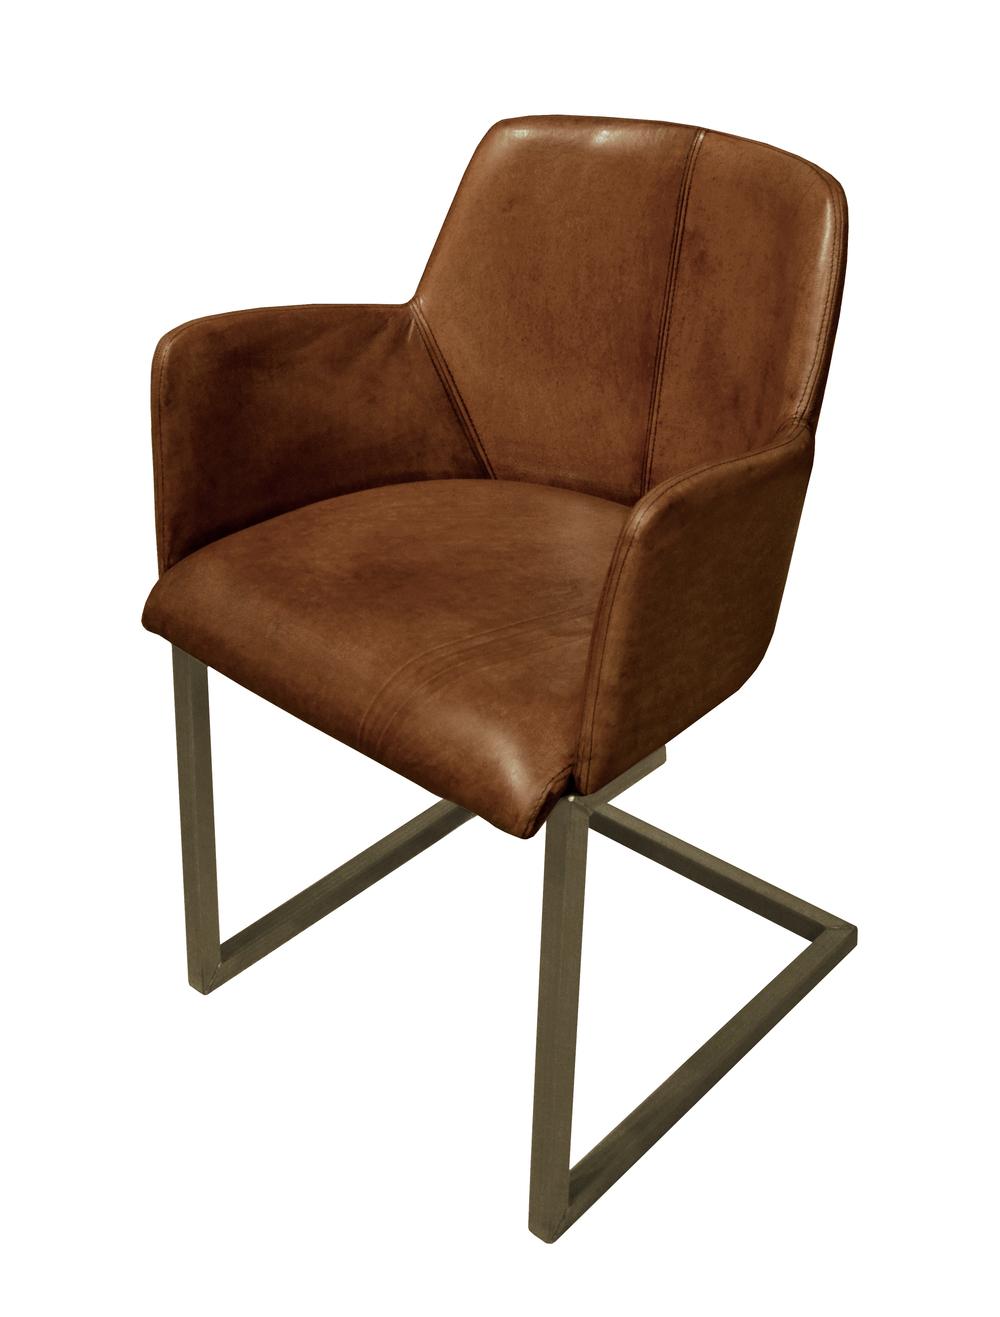 GJ Styles - Steve Arm Chair, Light Brown Buffalo